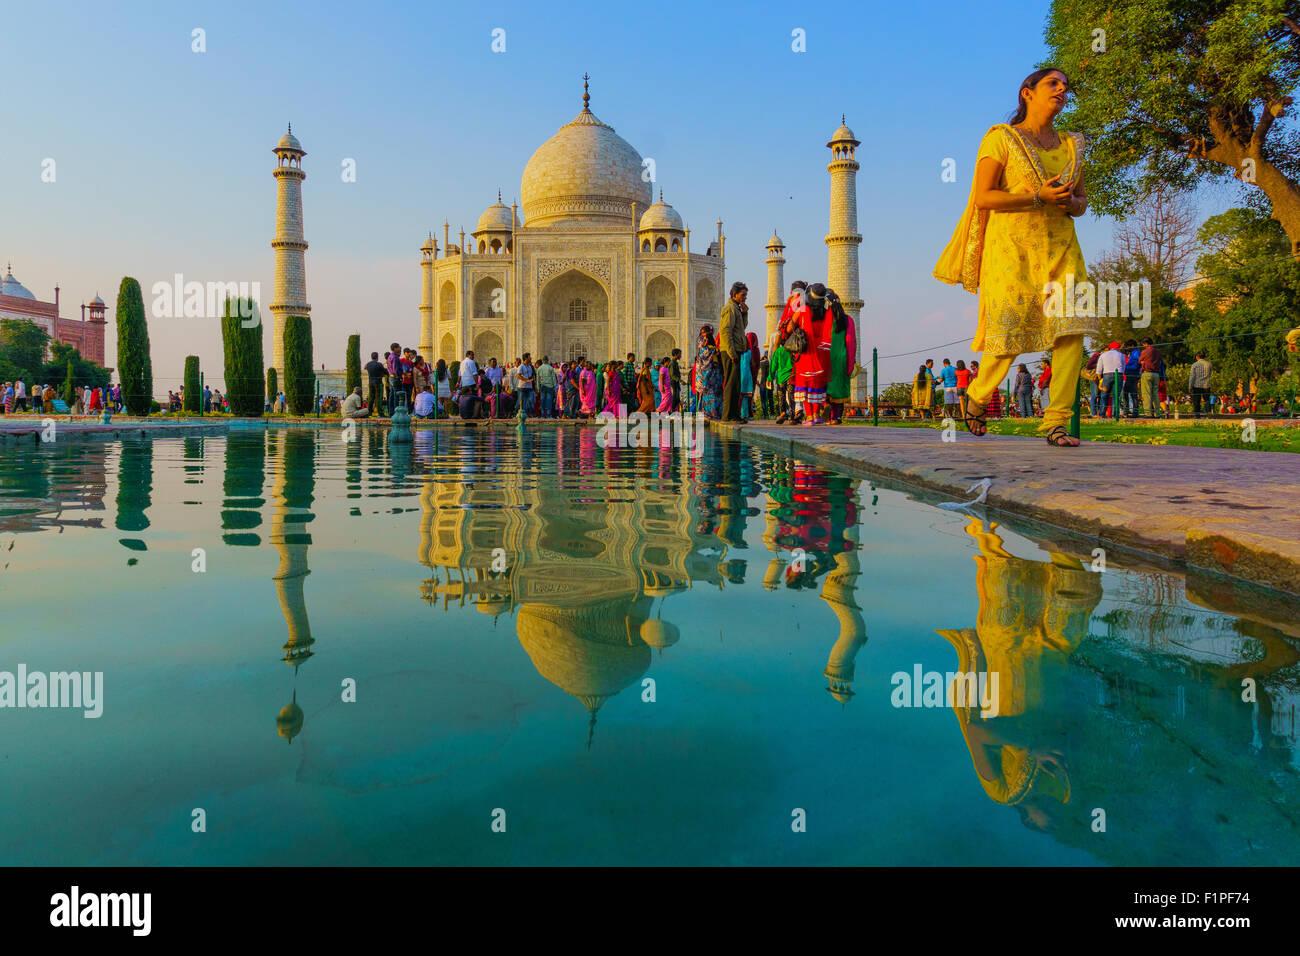 Los visitantes caminando junto a la piscina en frente del Taj Mahal, el monumento patrimonio de la humanidad. Foto de stock